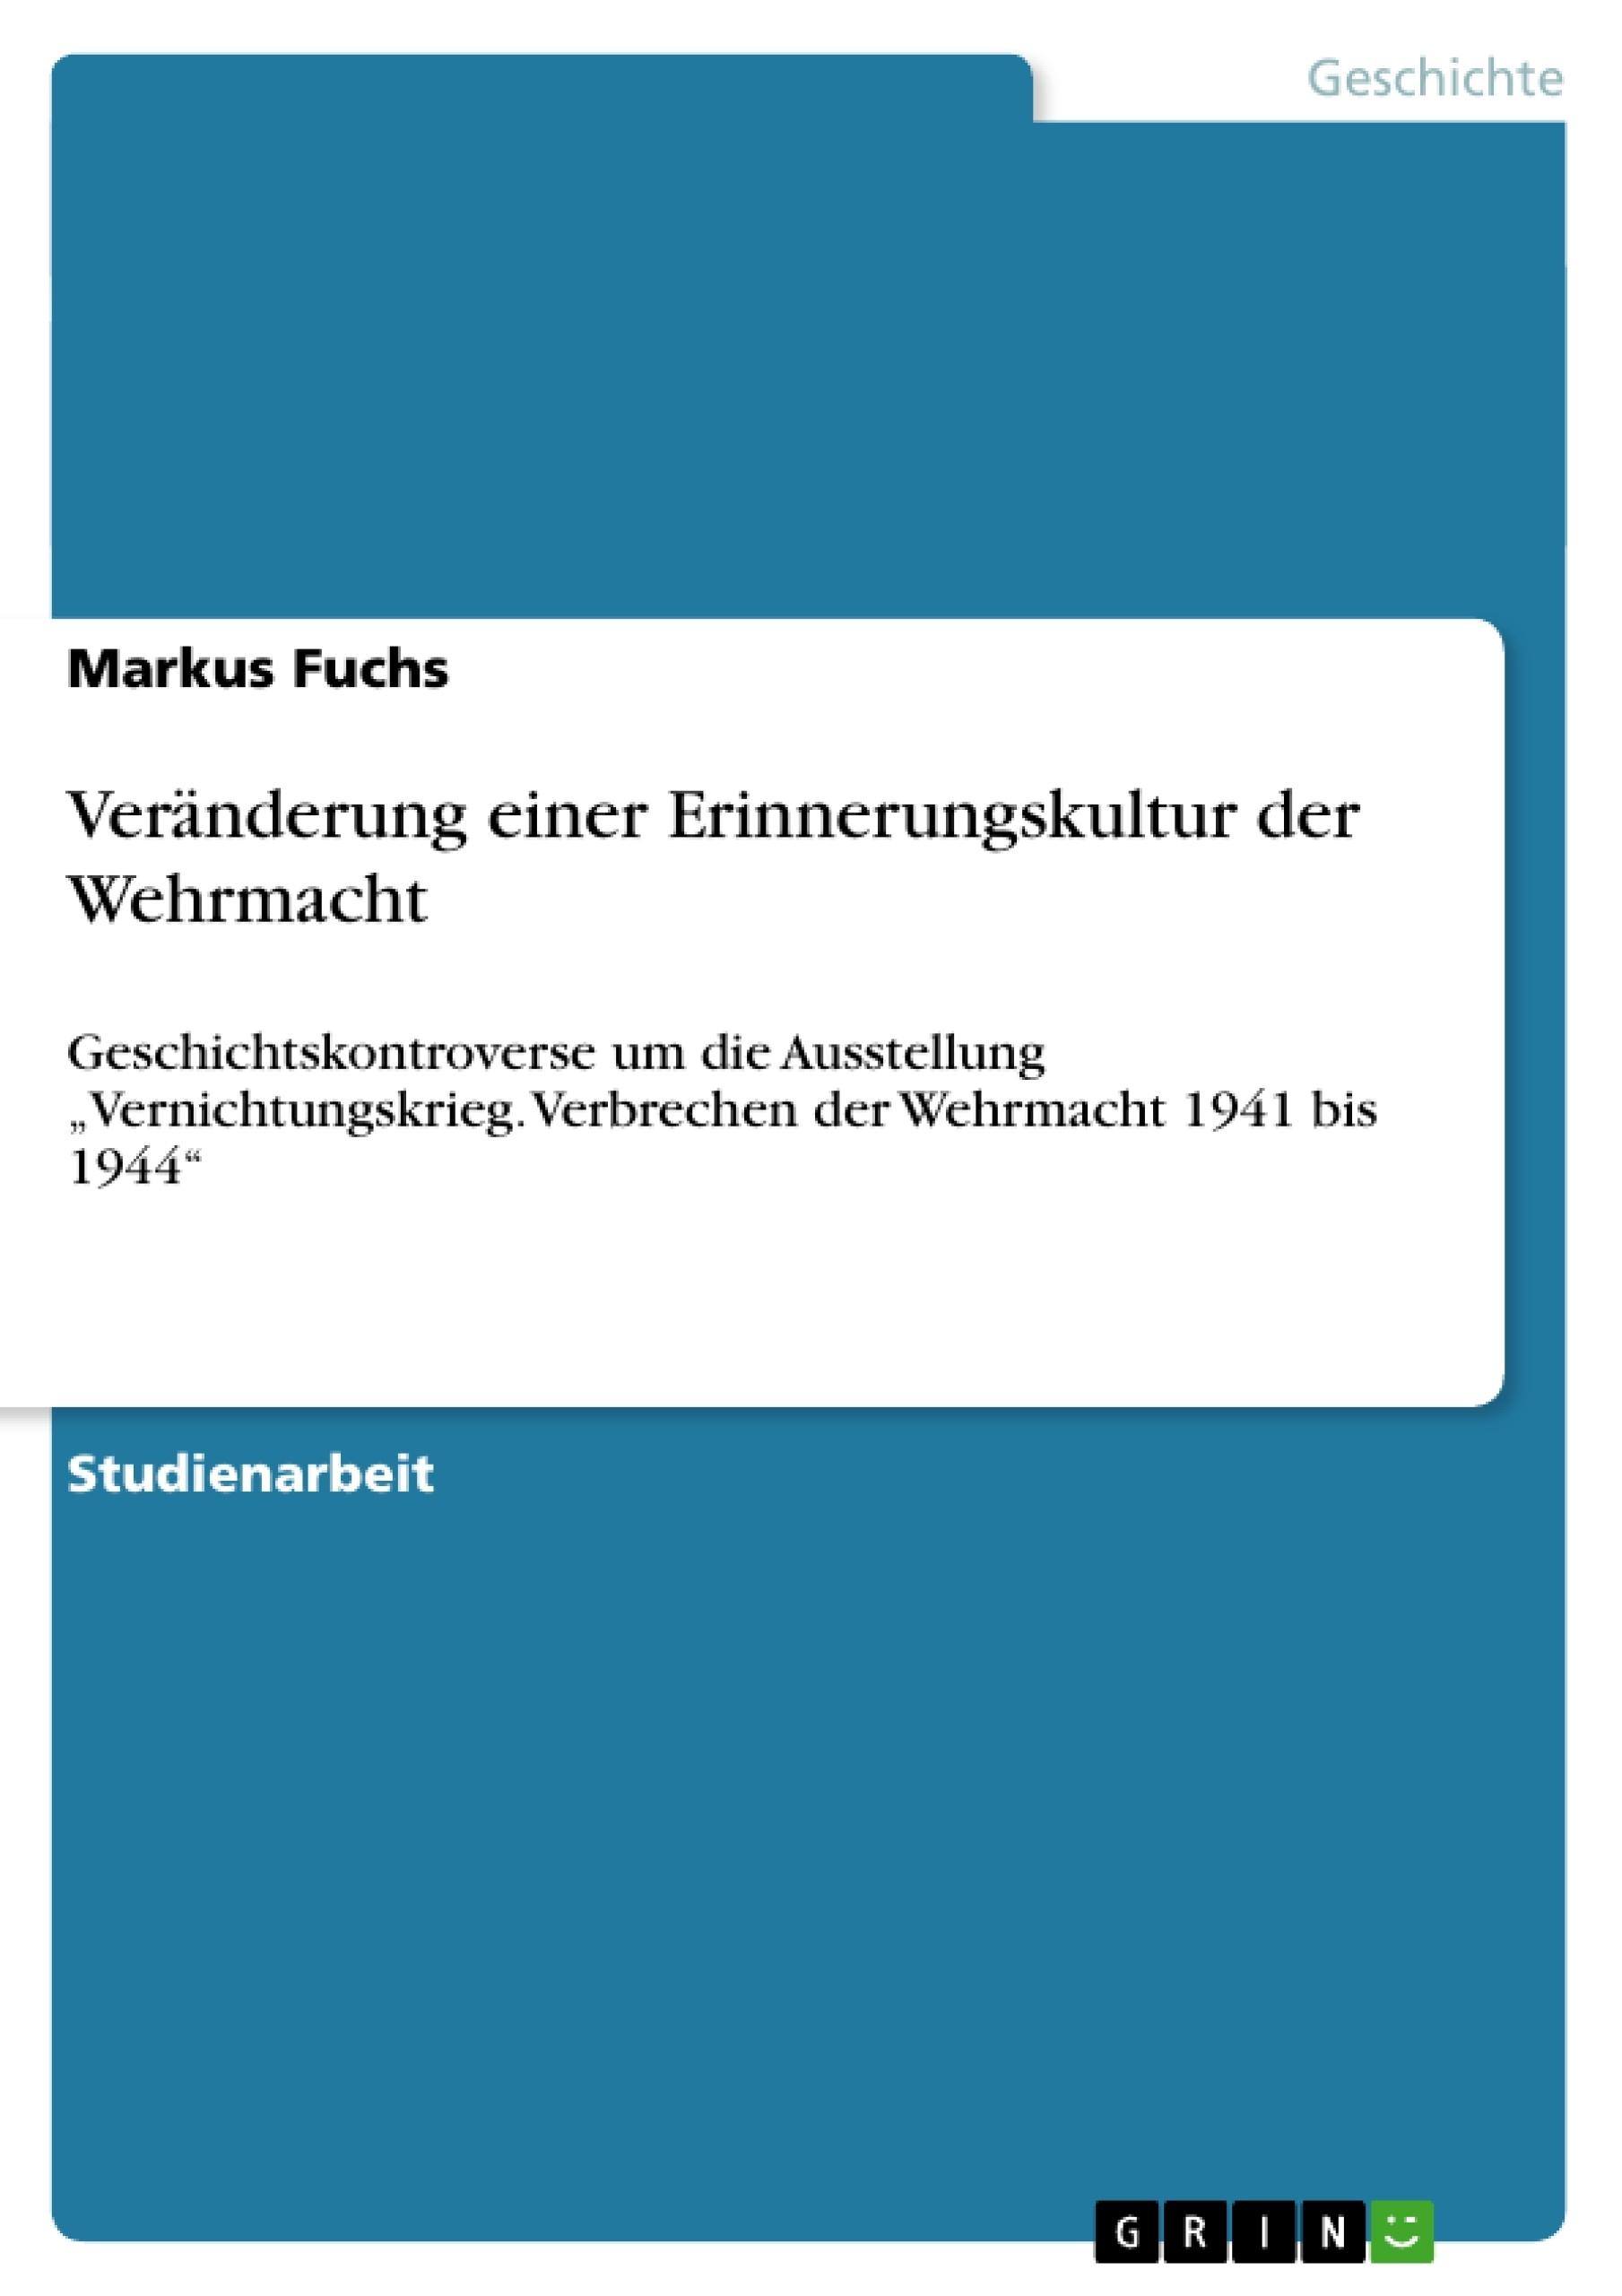 Titel: Veränderung einer Erinnerungskultur der Wehrmacht